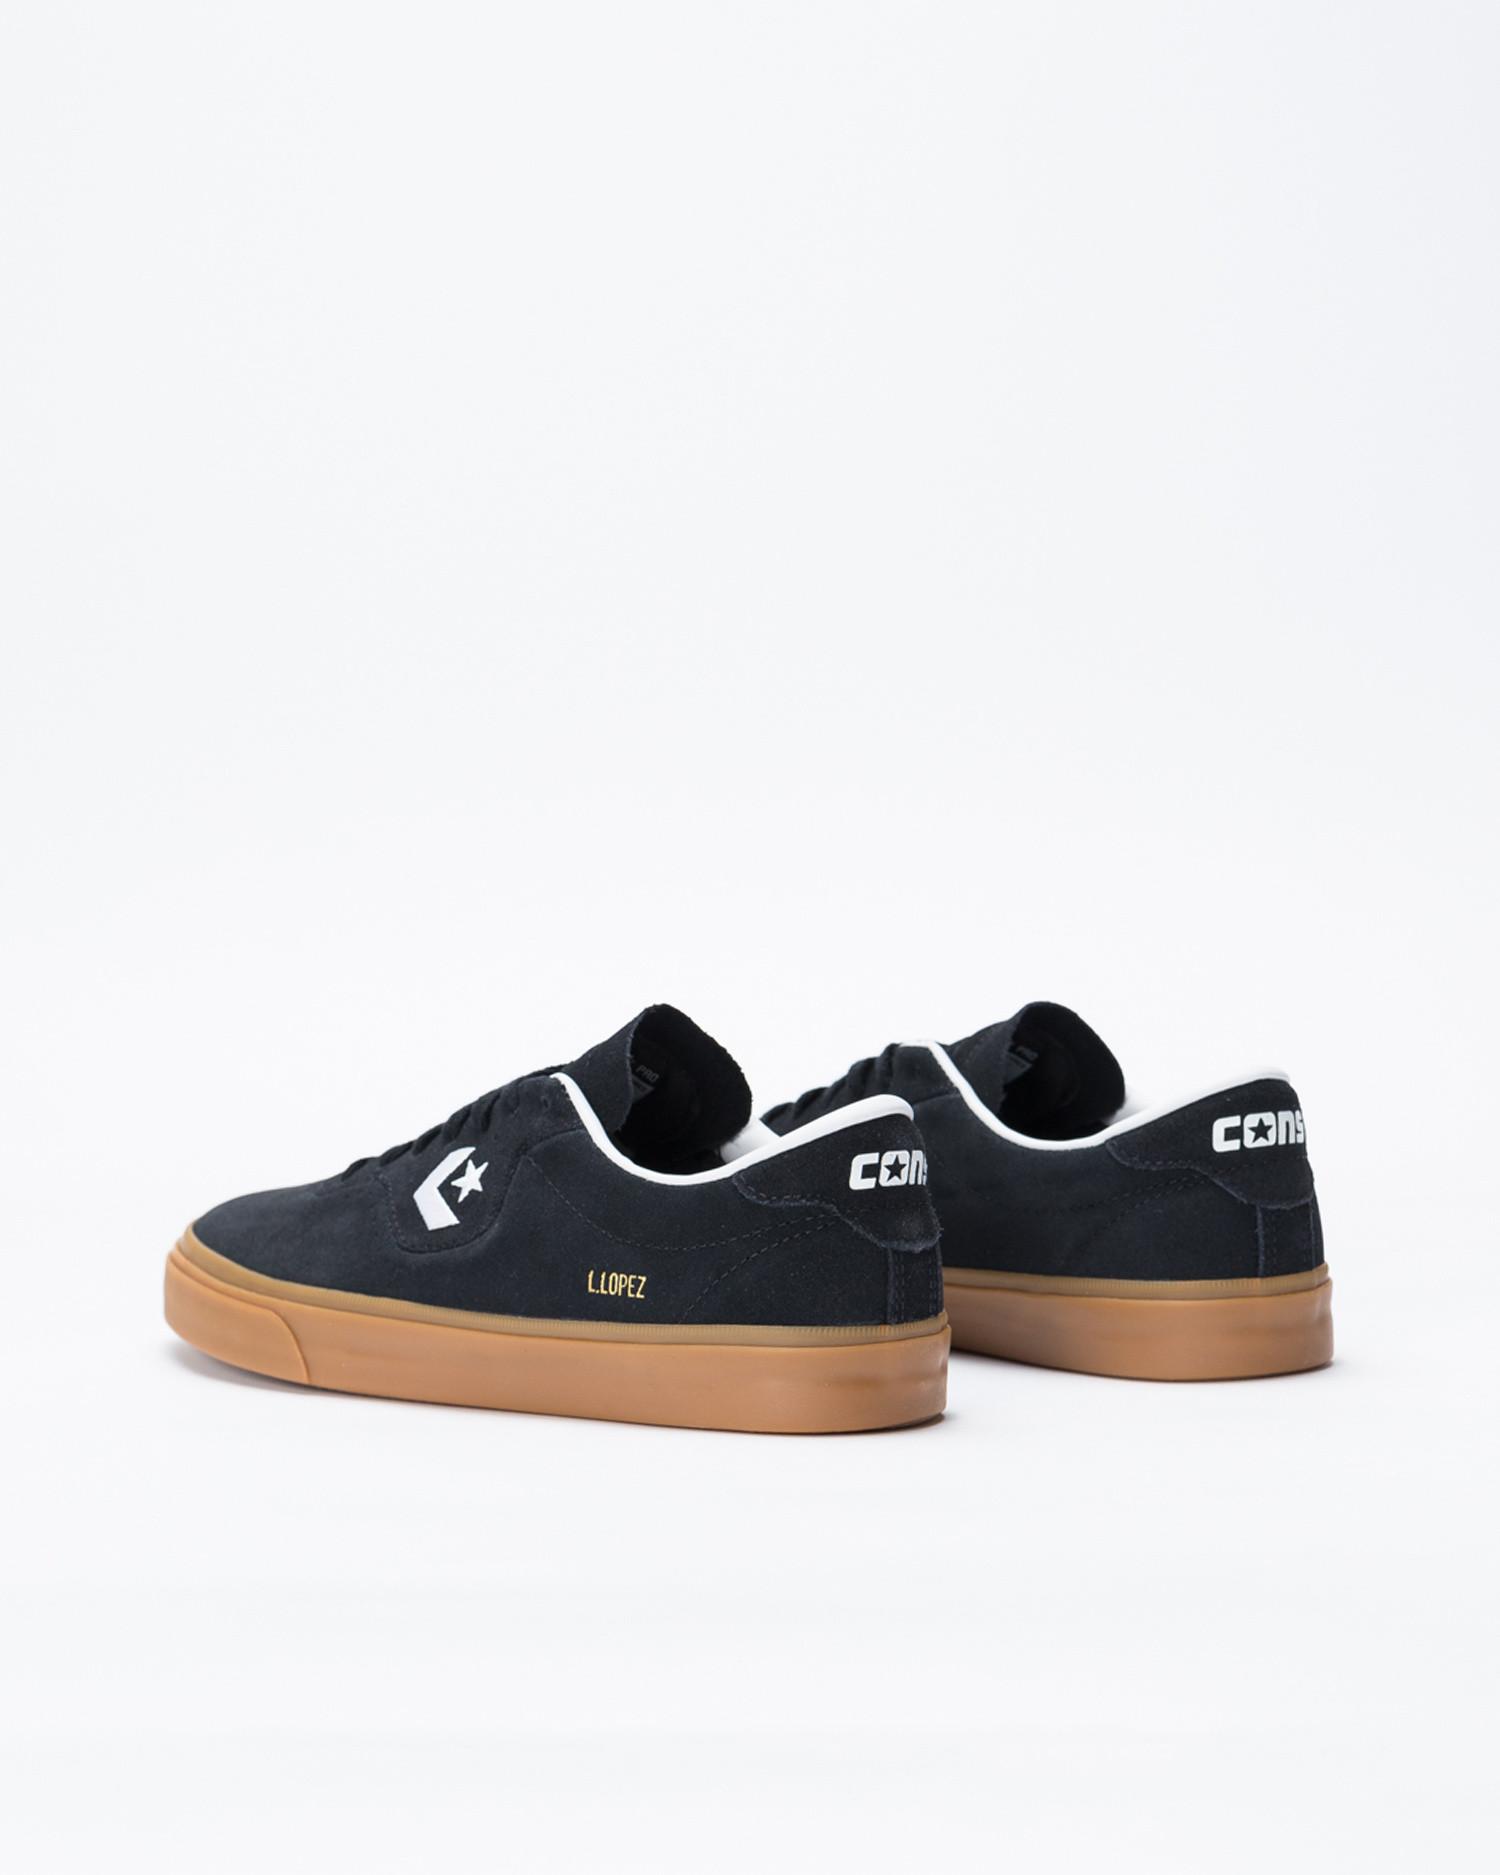 Converse Louie Lopez Pro OX Black/White/Gum